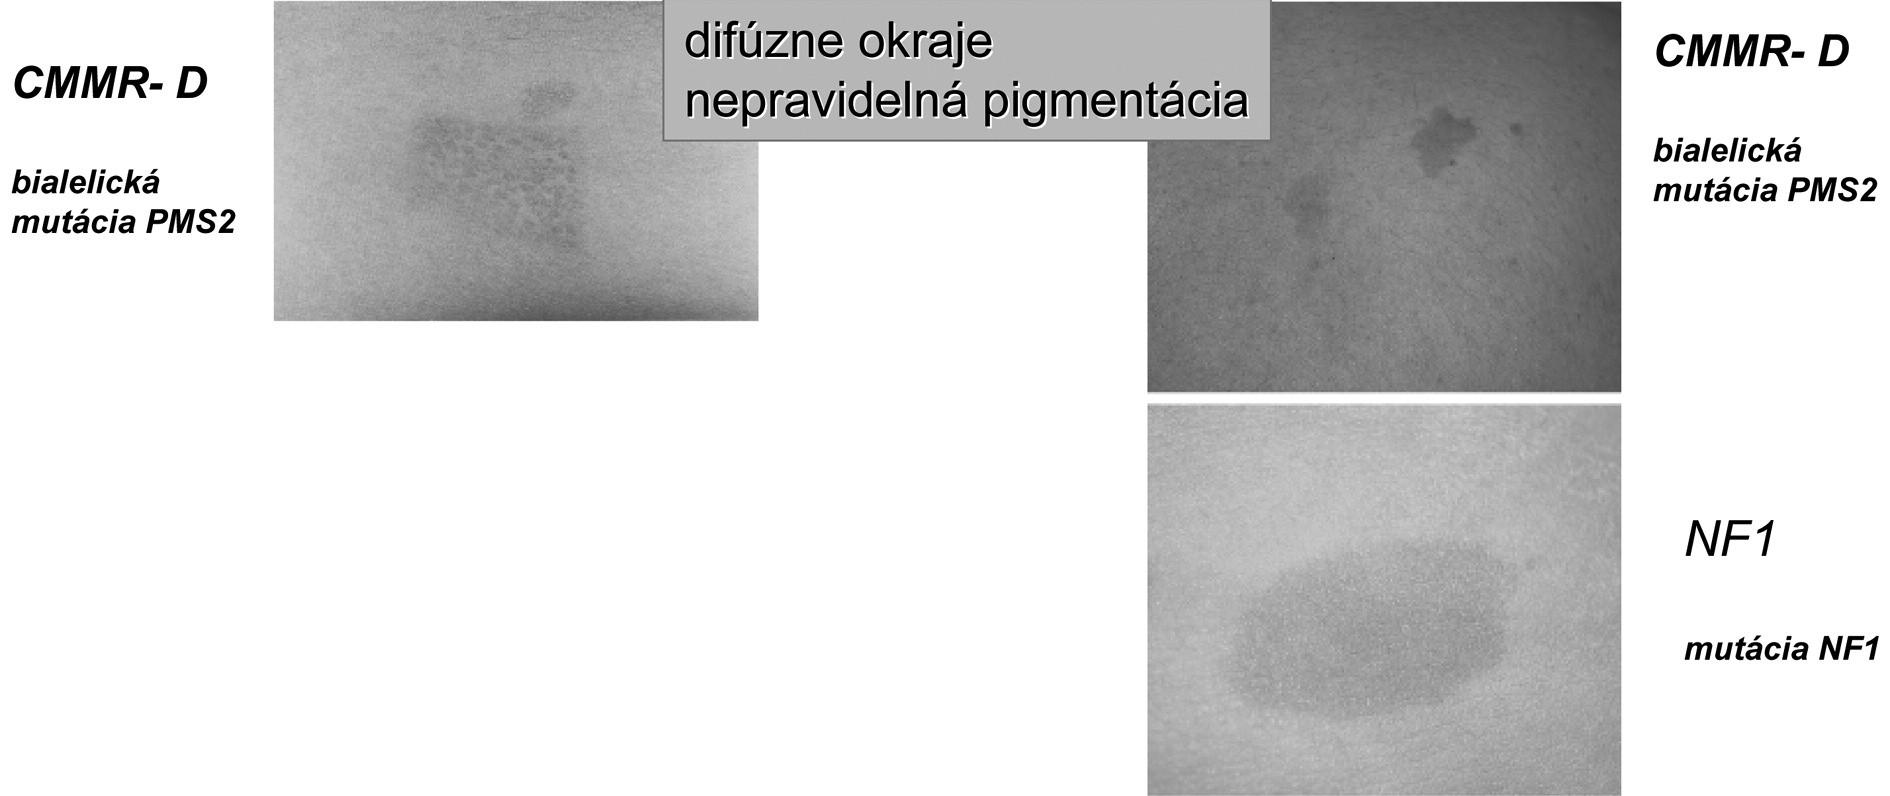 """Charakter CAL pigmentácií pri syndróme deficitu konštitučného """"Mismeč reparačného systému"""" (CMMR-D) [18]."""